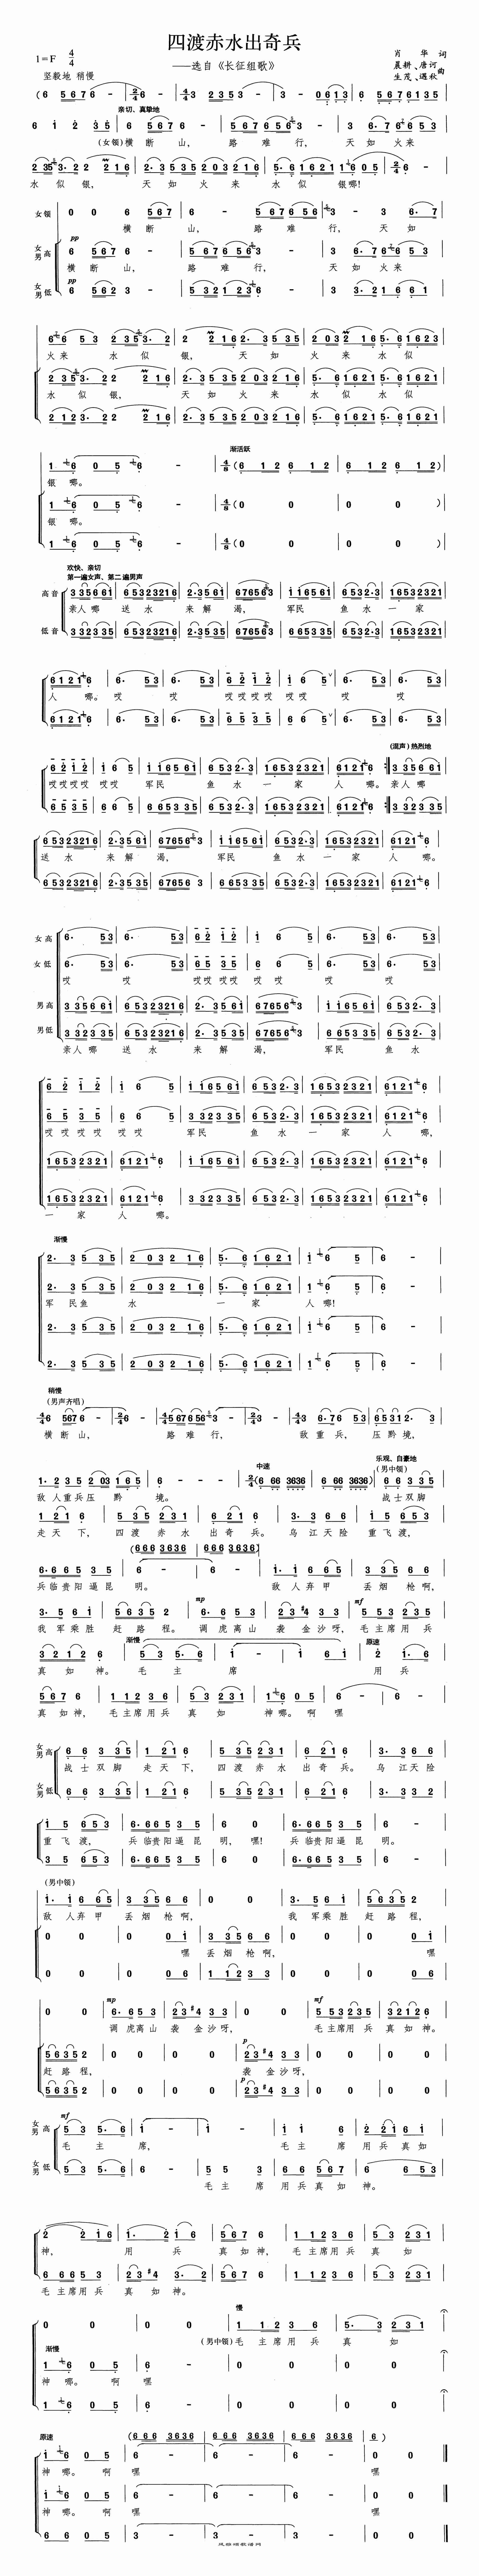 四渡赤水出奇兵(中国)高清打印歌谱简谱